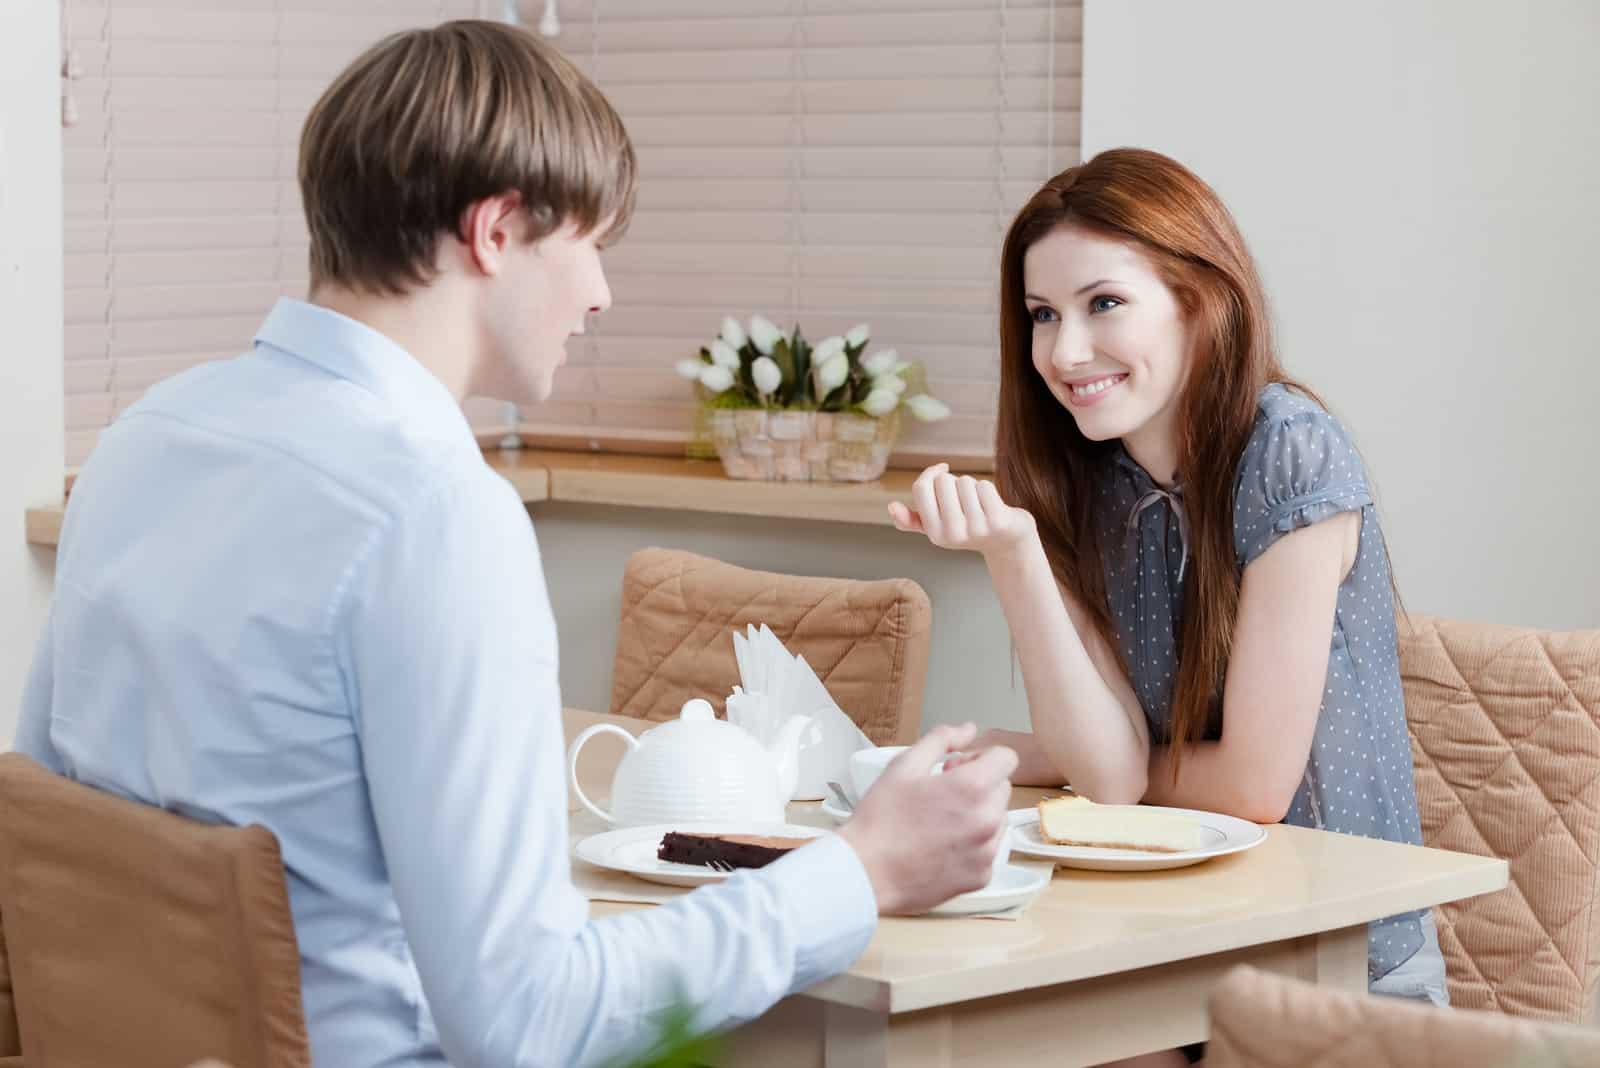 un homme et une femme s'assoient face à face et parlent